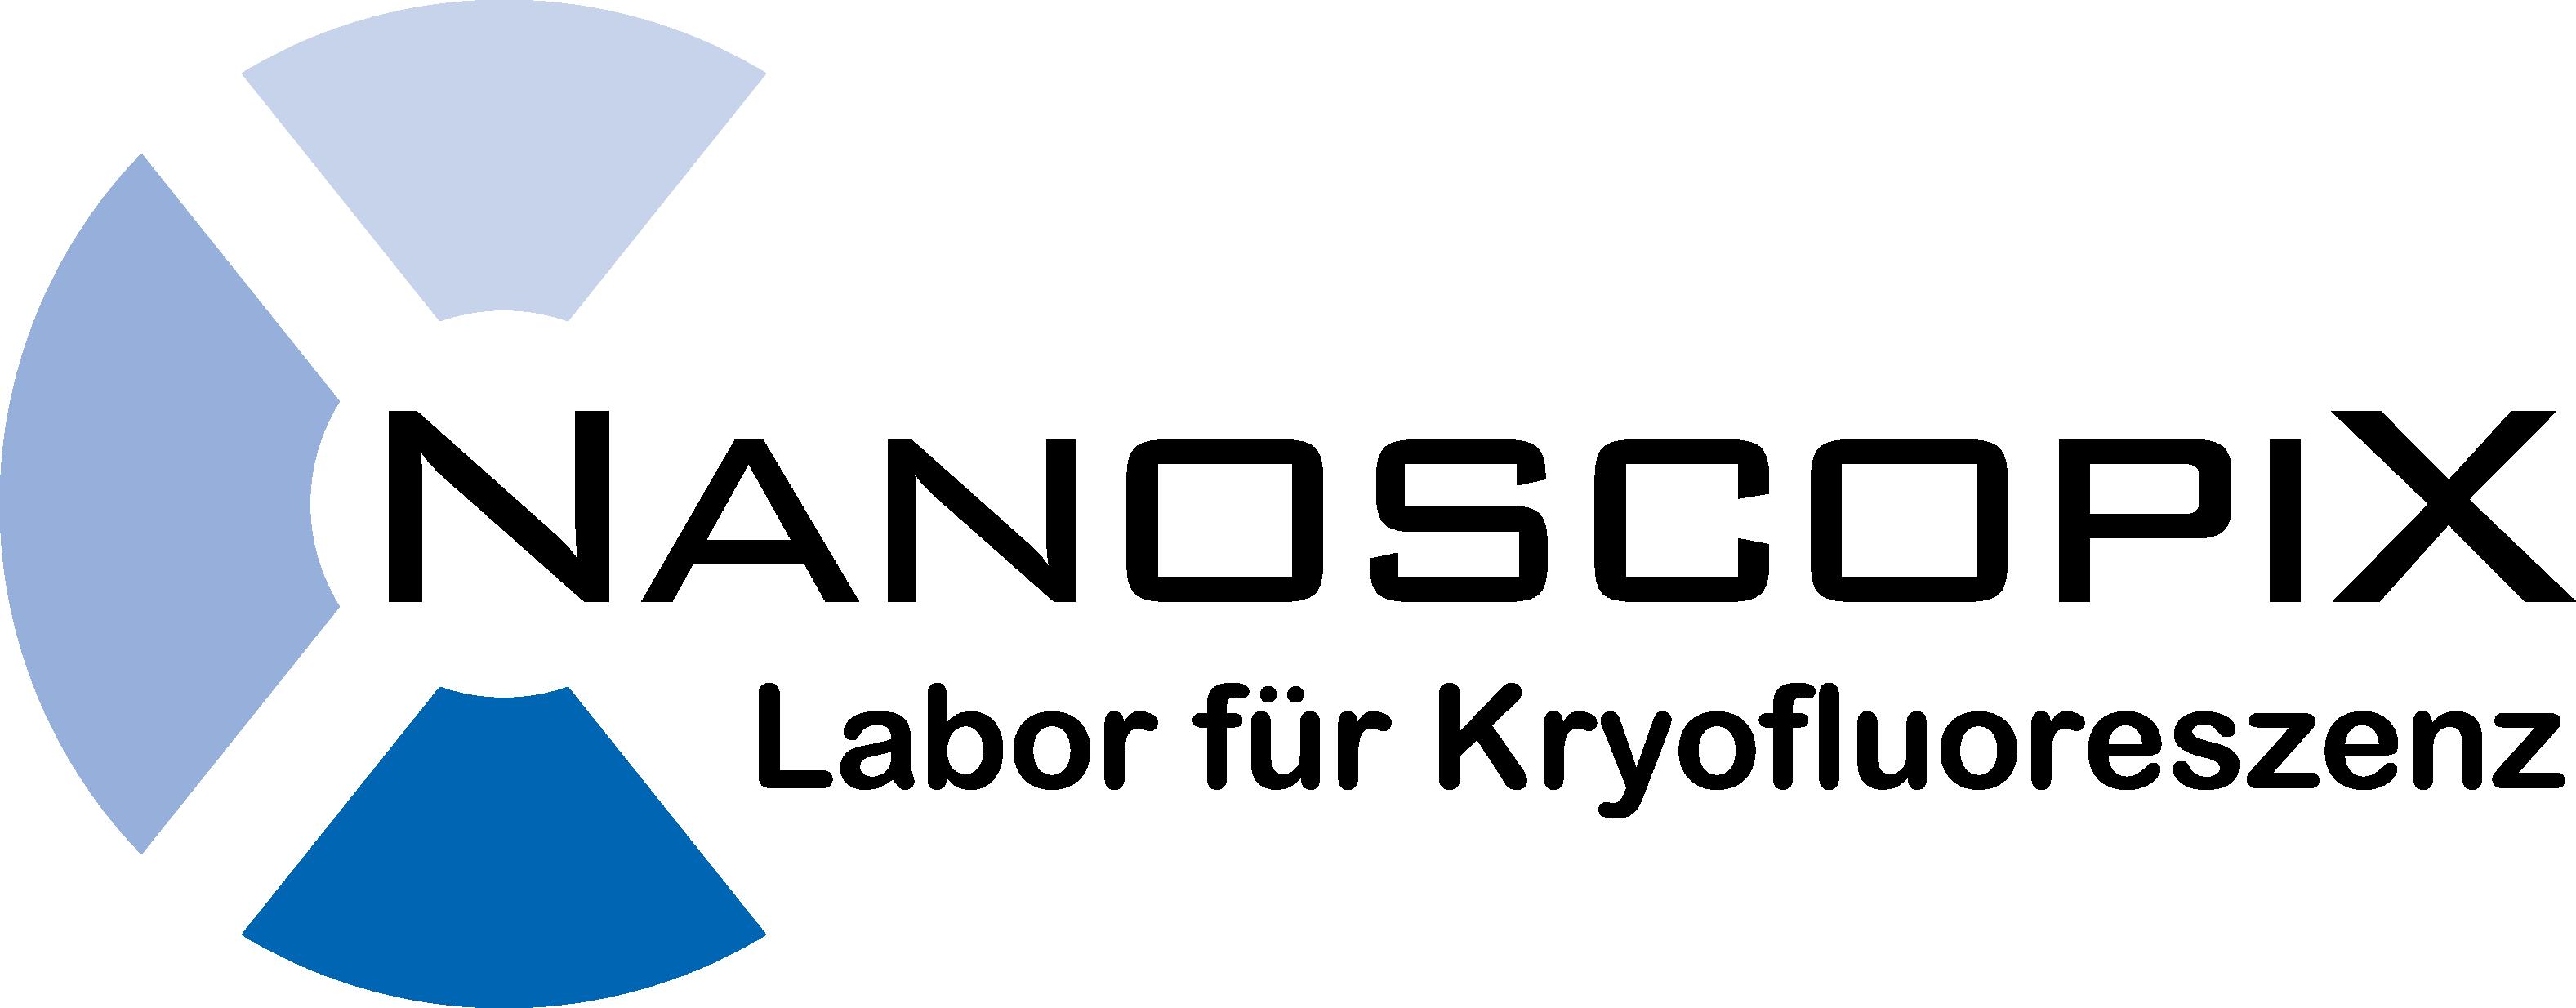 NanoscopiX